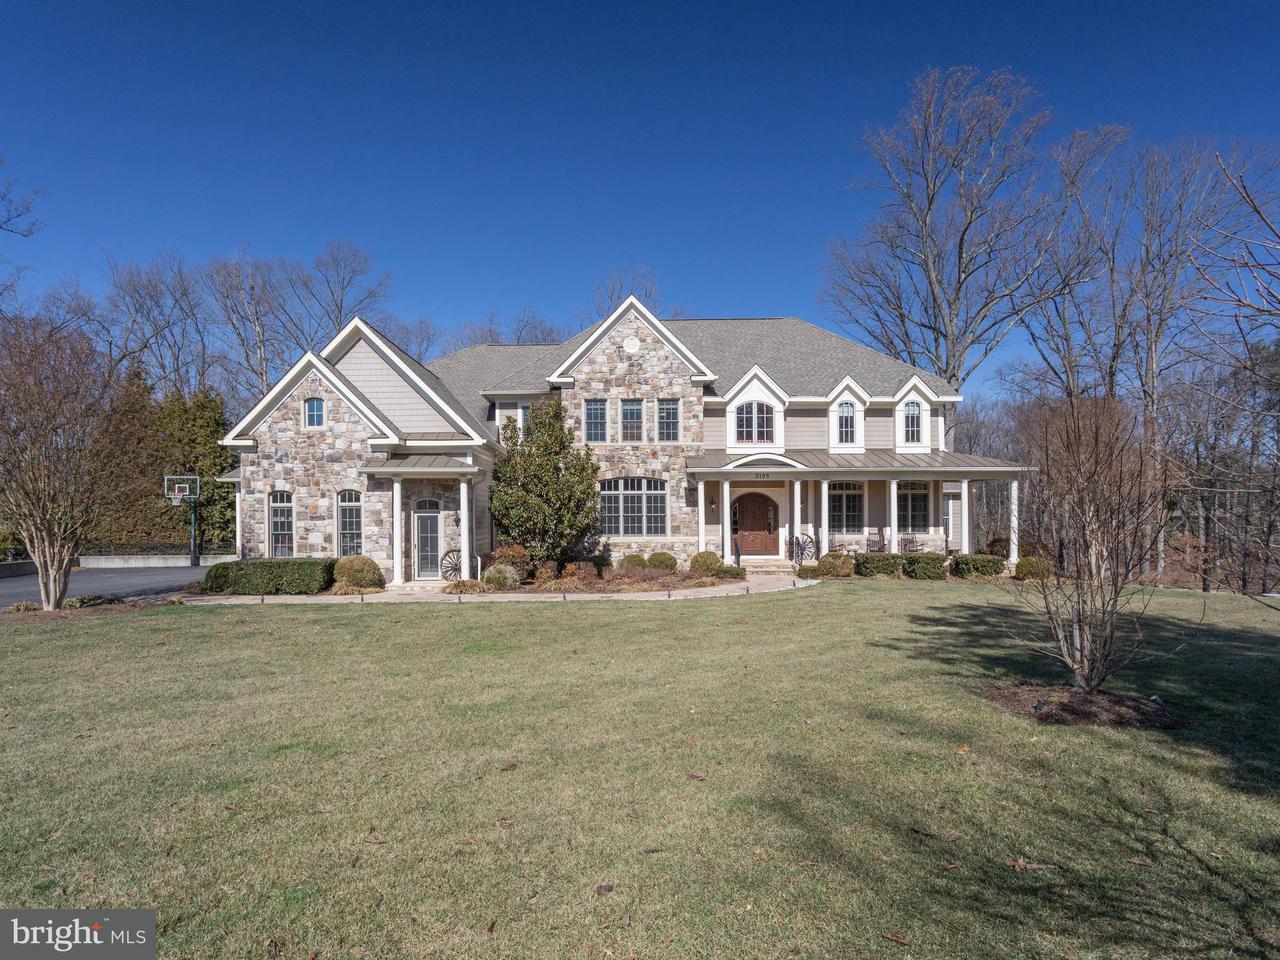 獨棟家庭住宅 為 出售 在 3195 Ariana Drive 3195 Ariana Drive Oakton, 弗吉尼亞州 22124 美國